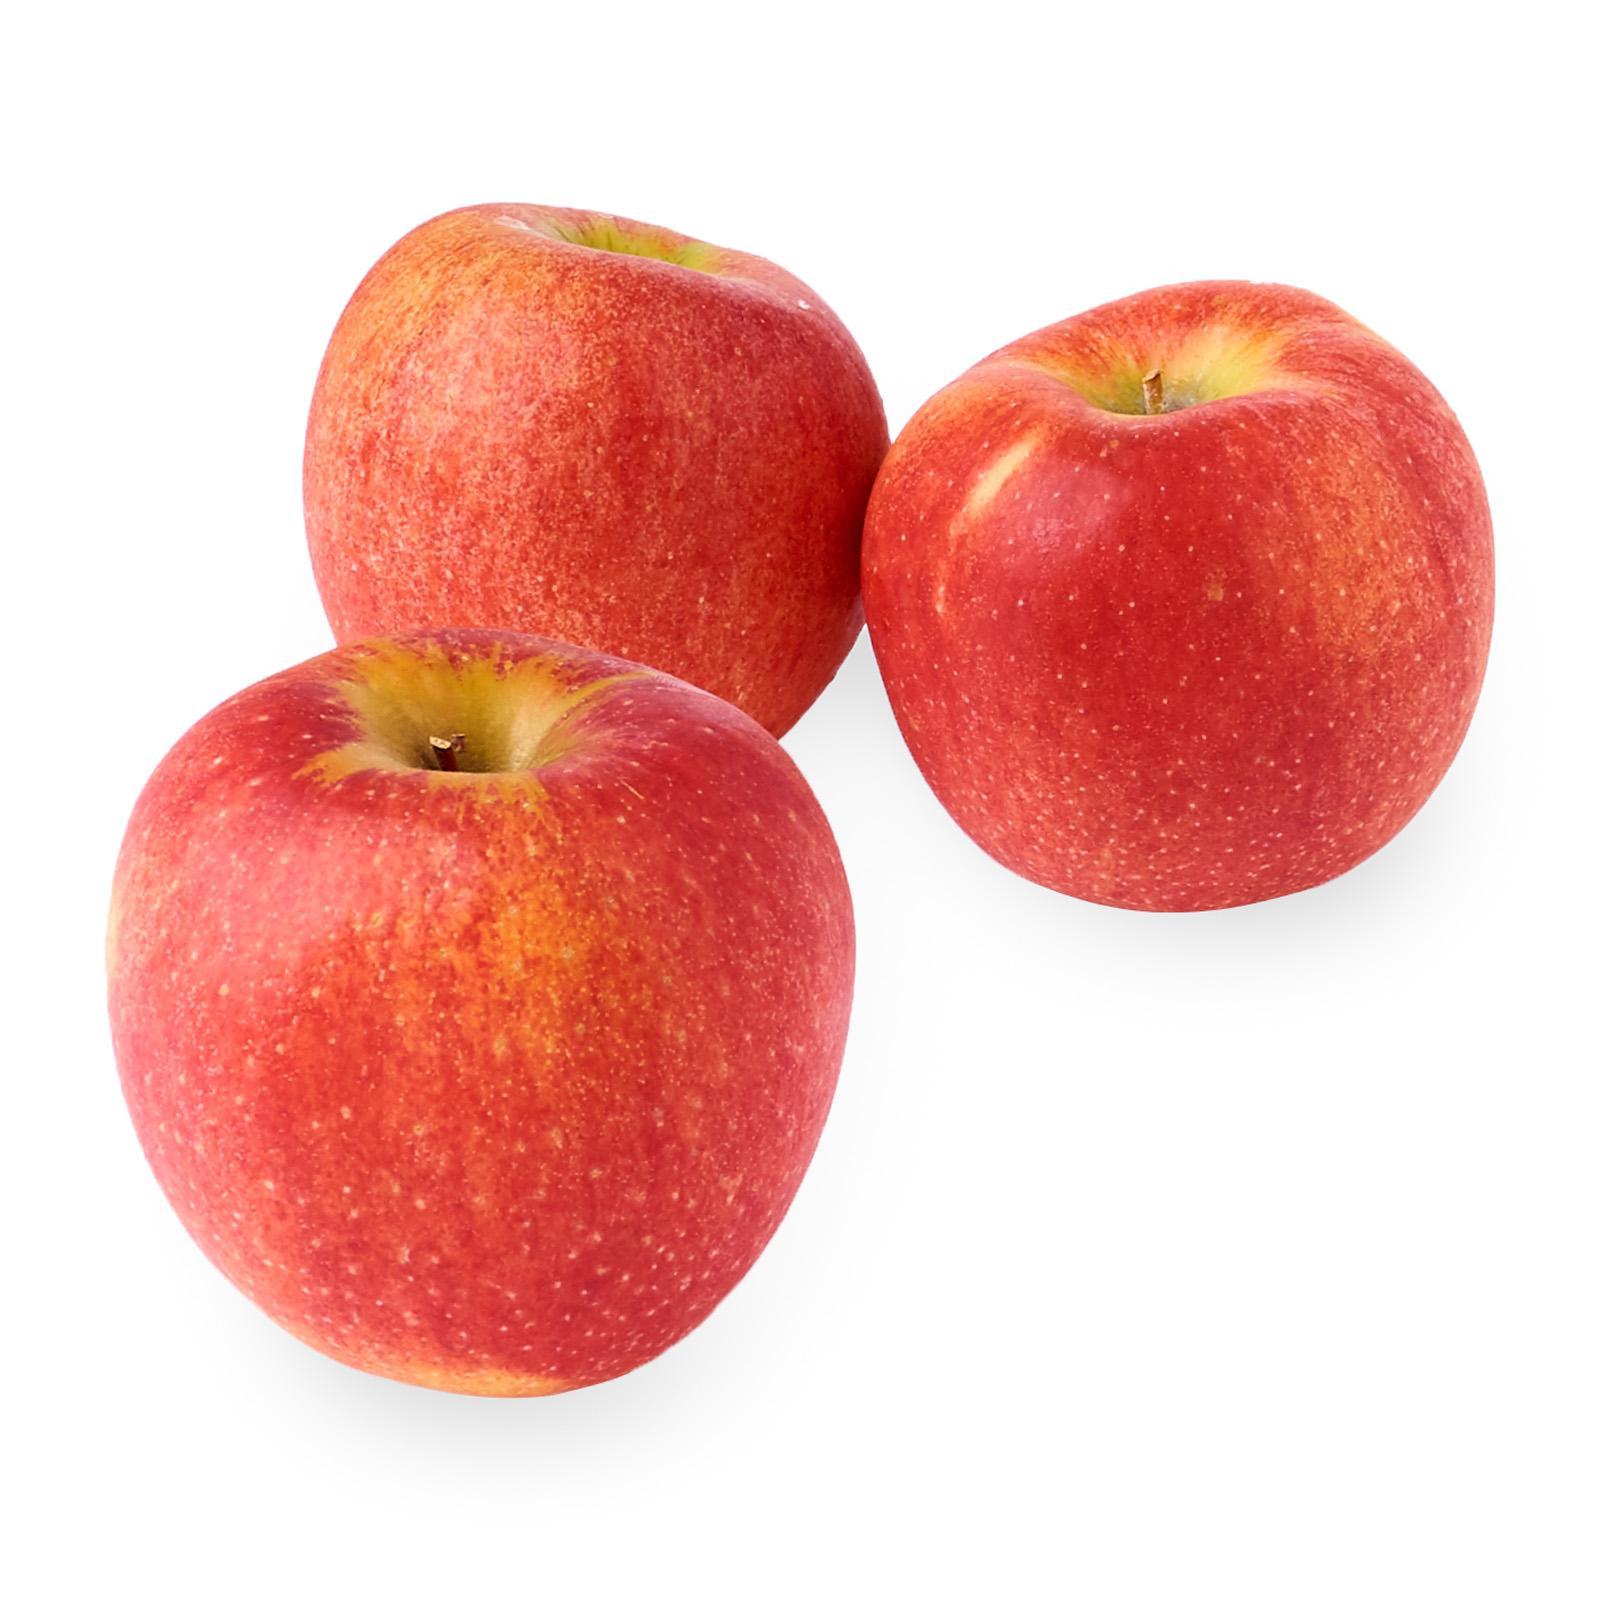 Envy Apple 3s